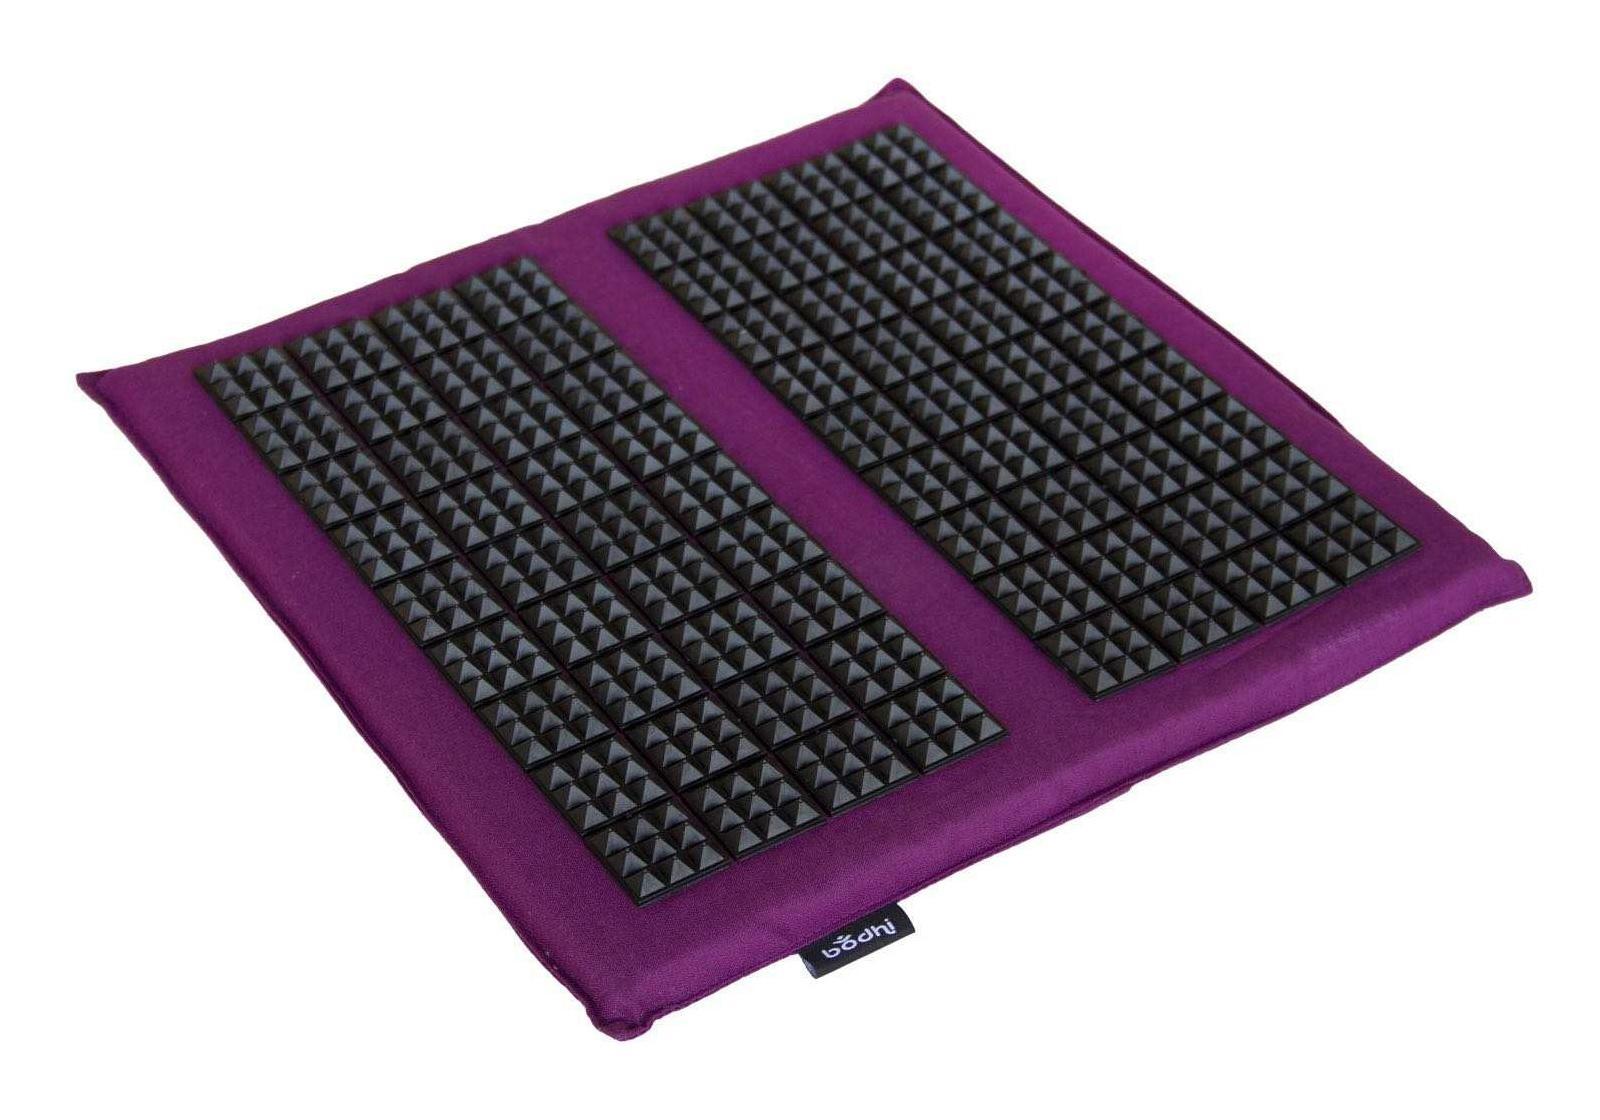 Фото Акупунктурный коврик для ног VITAL SPIKY